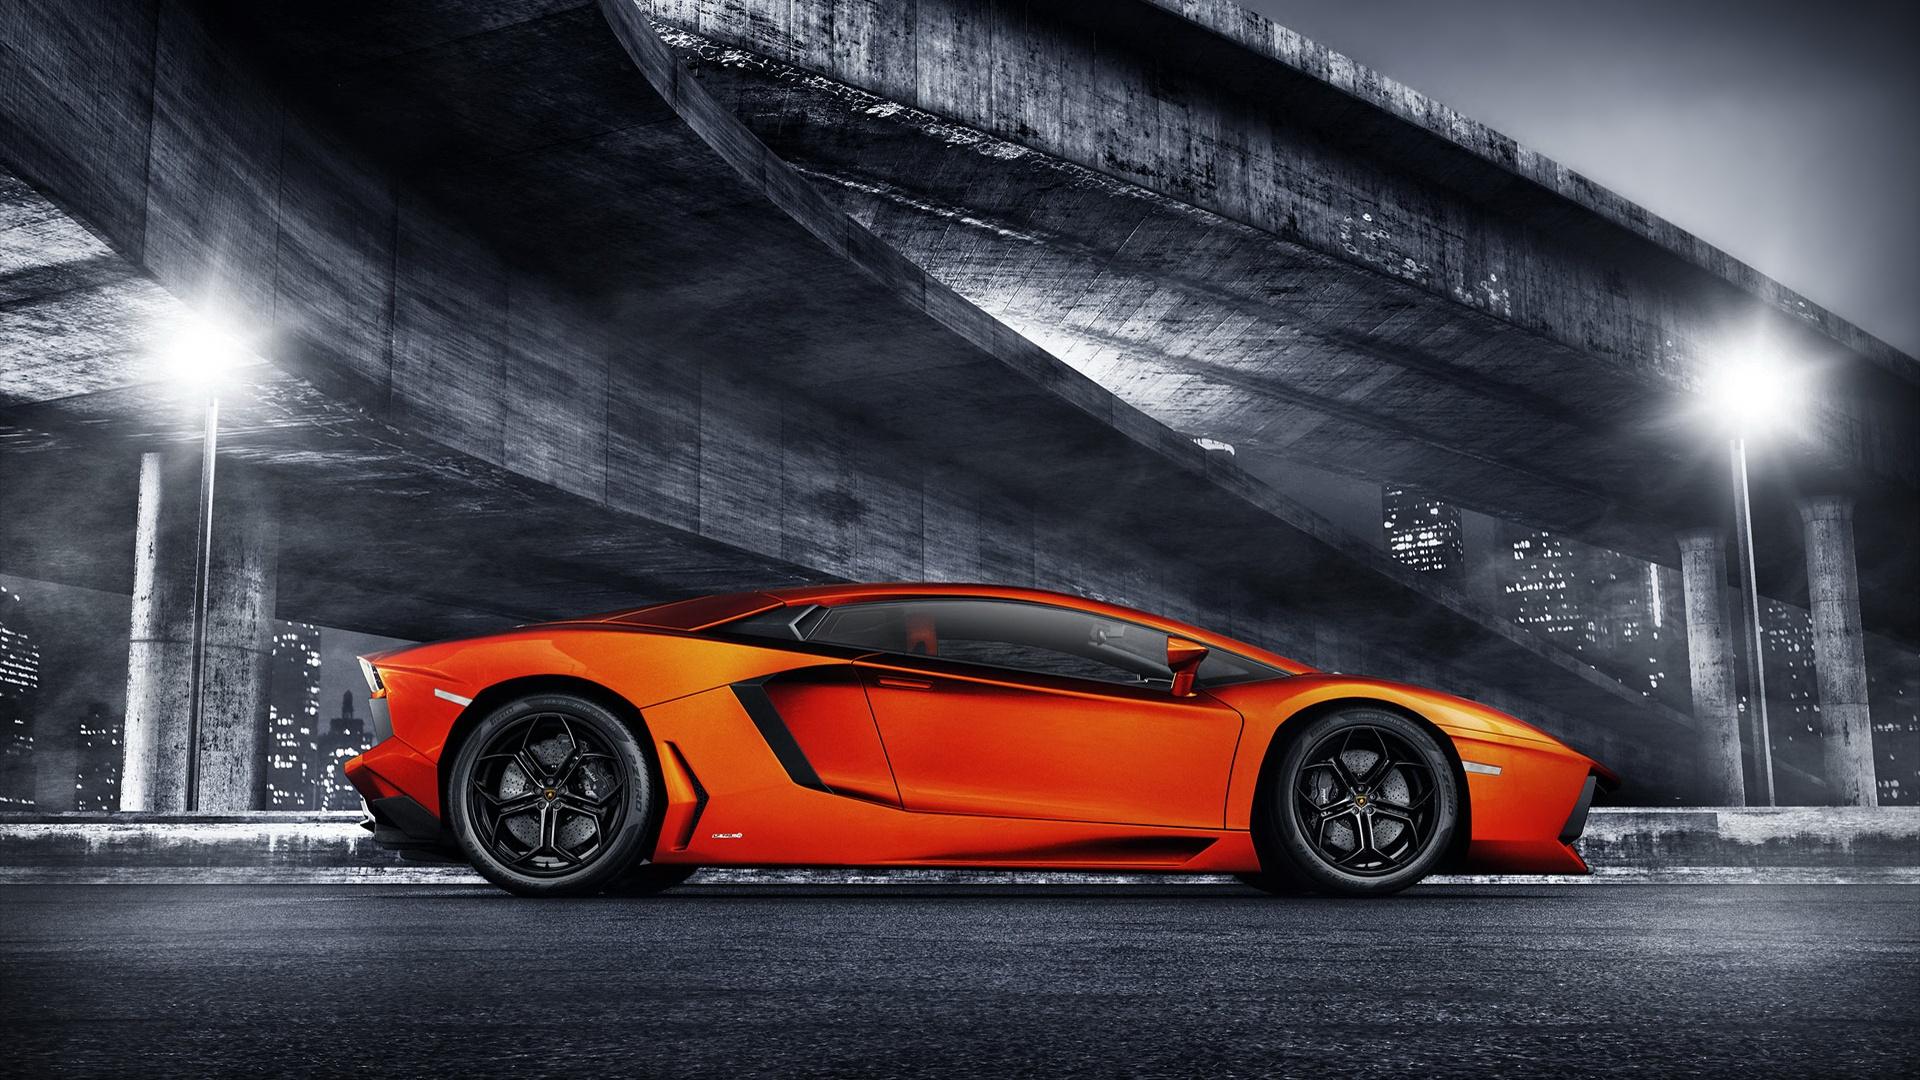 Lamborghini Orange Supercar Bridge Night Lights